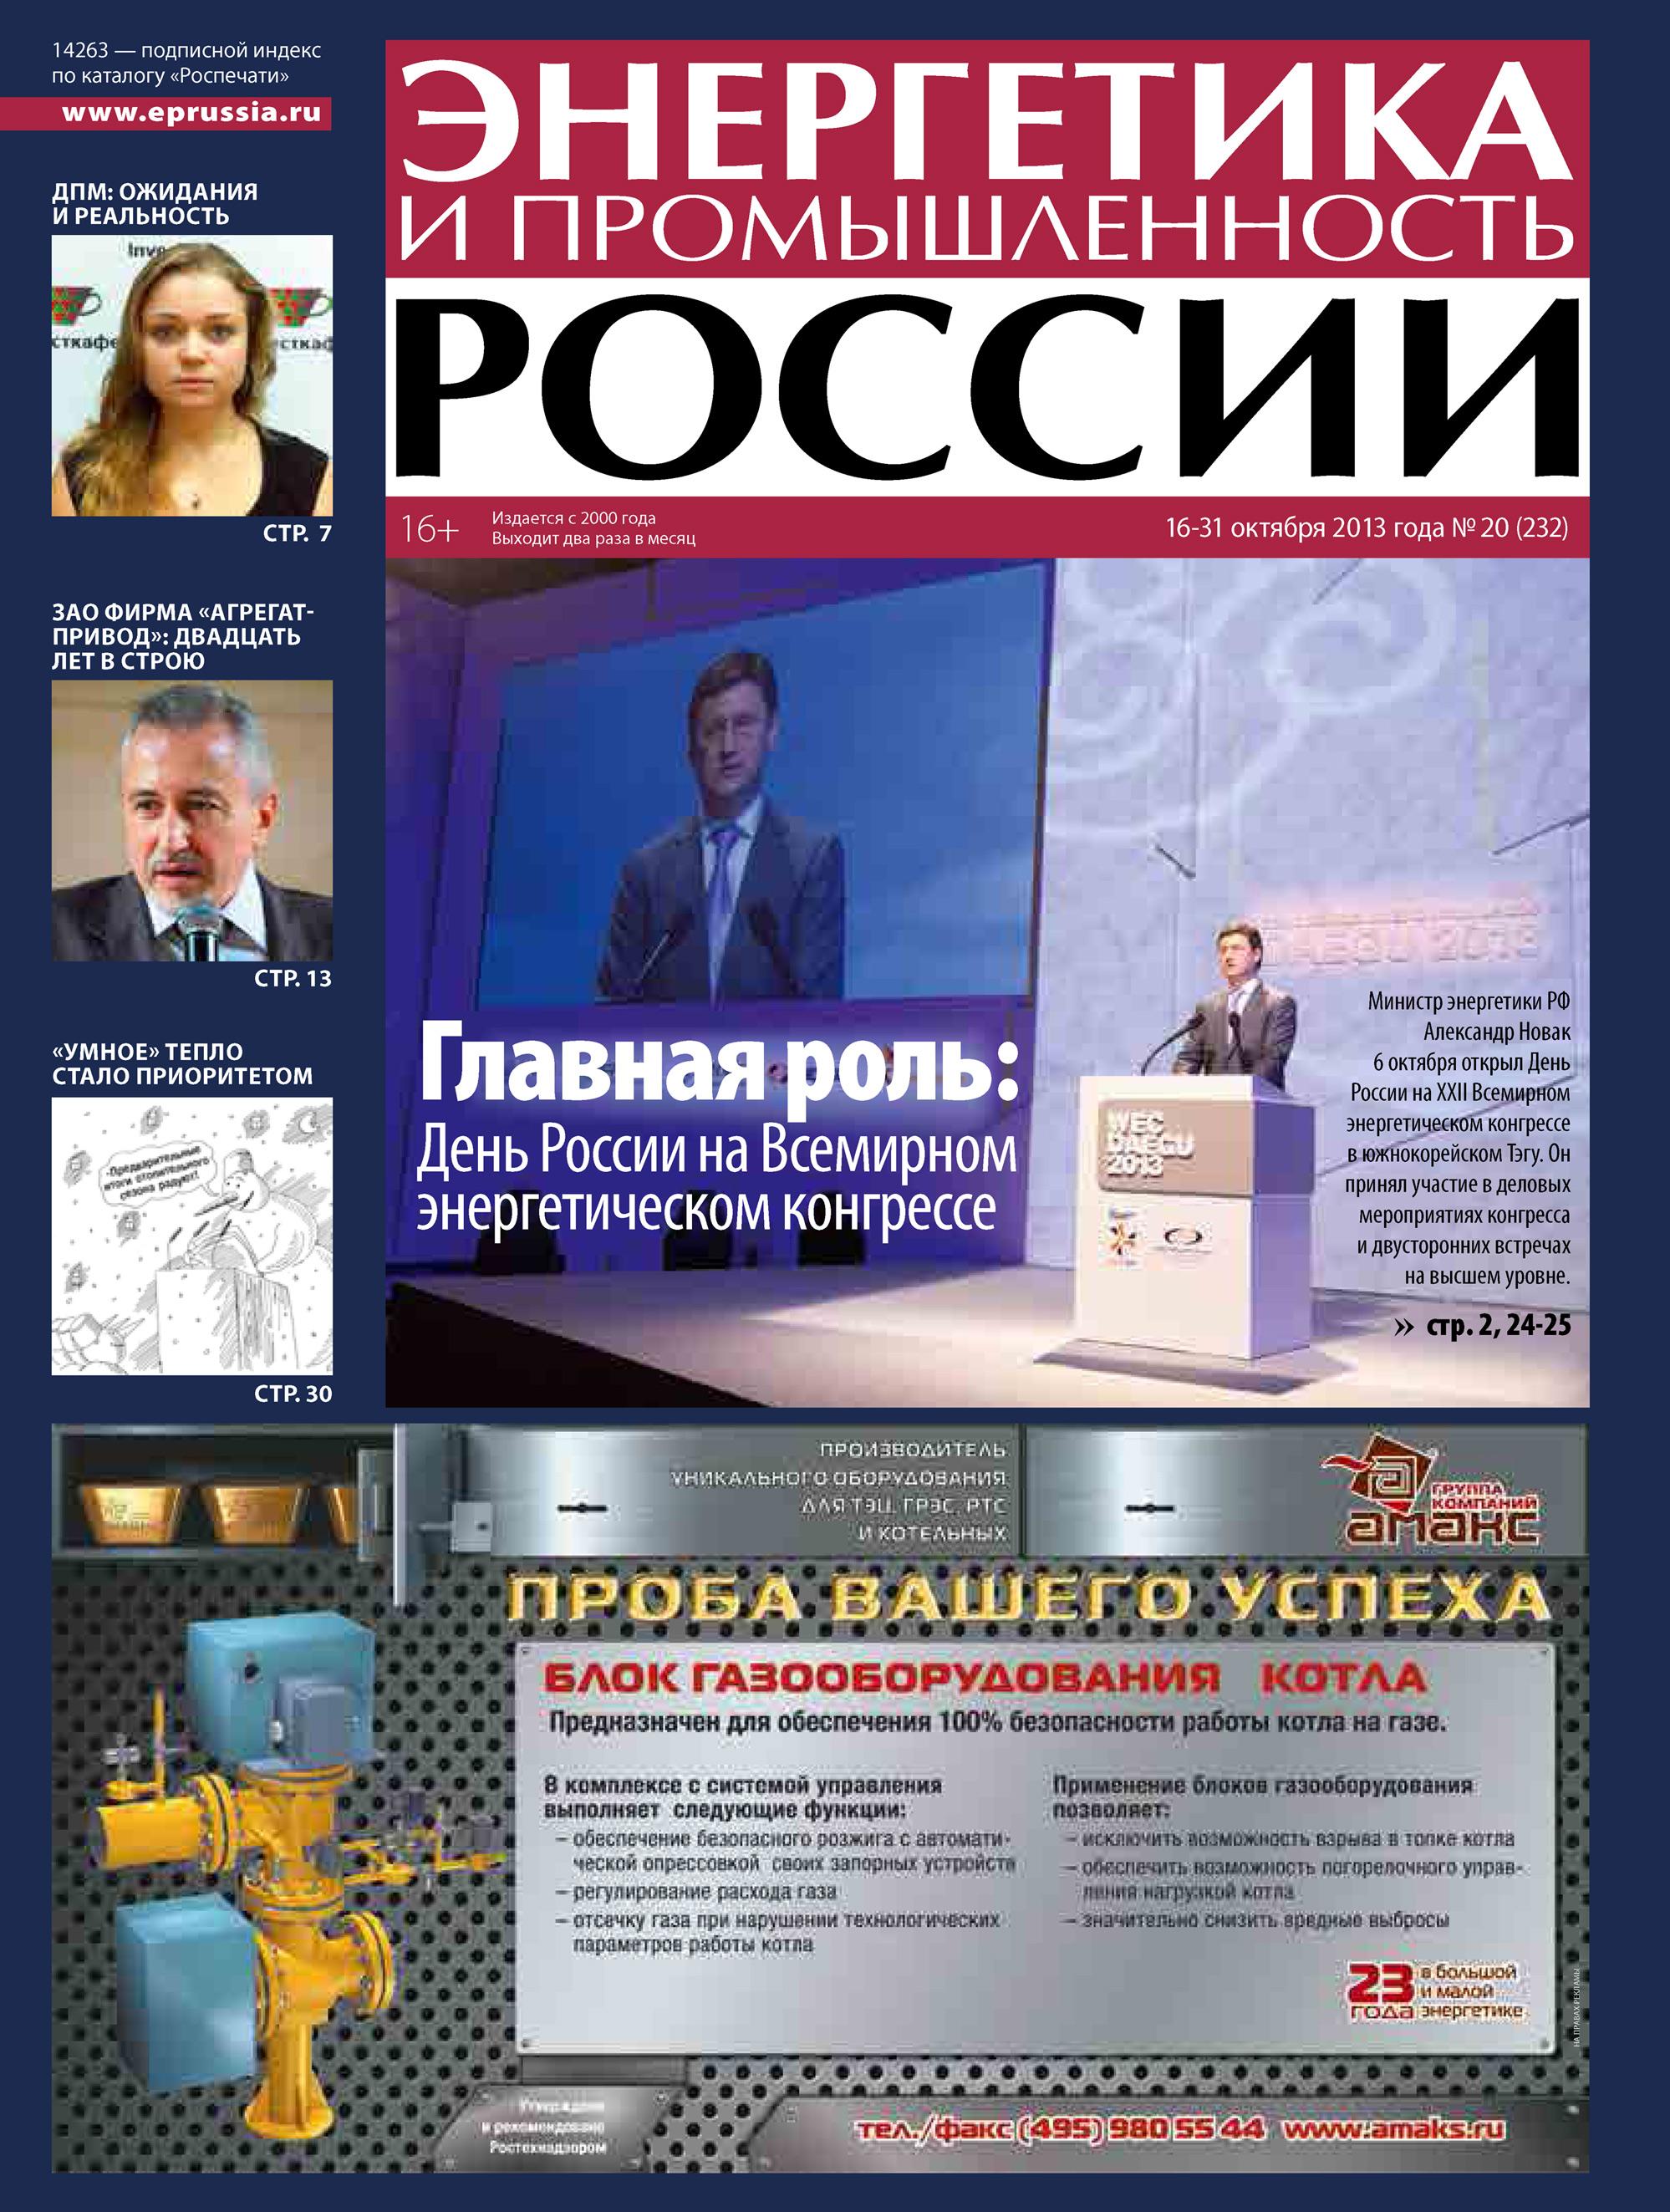 Энергетика и промышленность России №20 2013